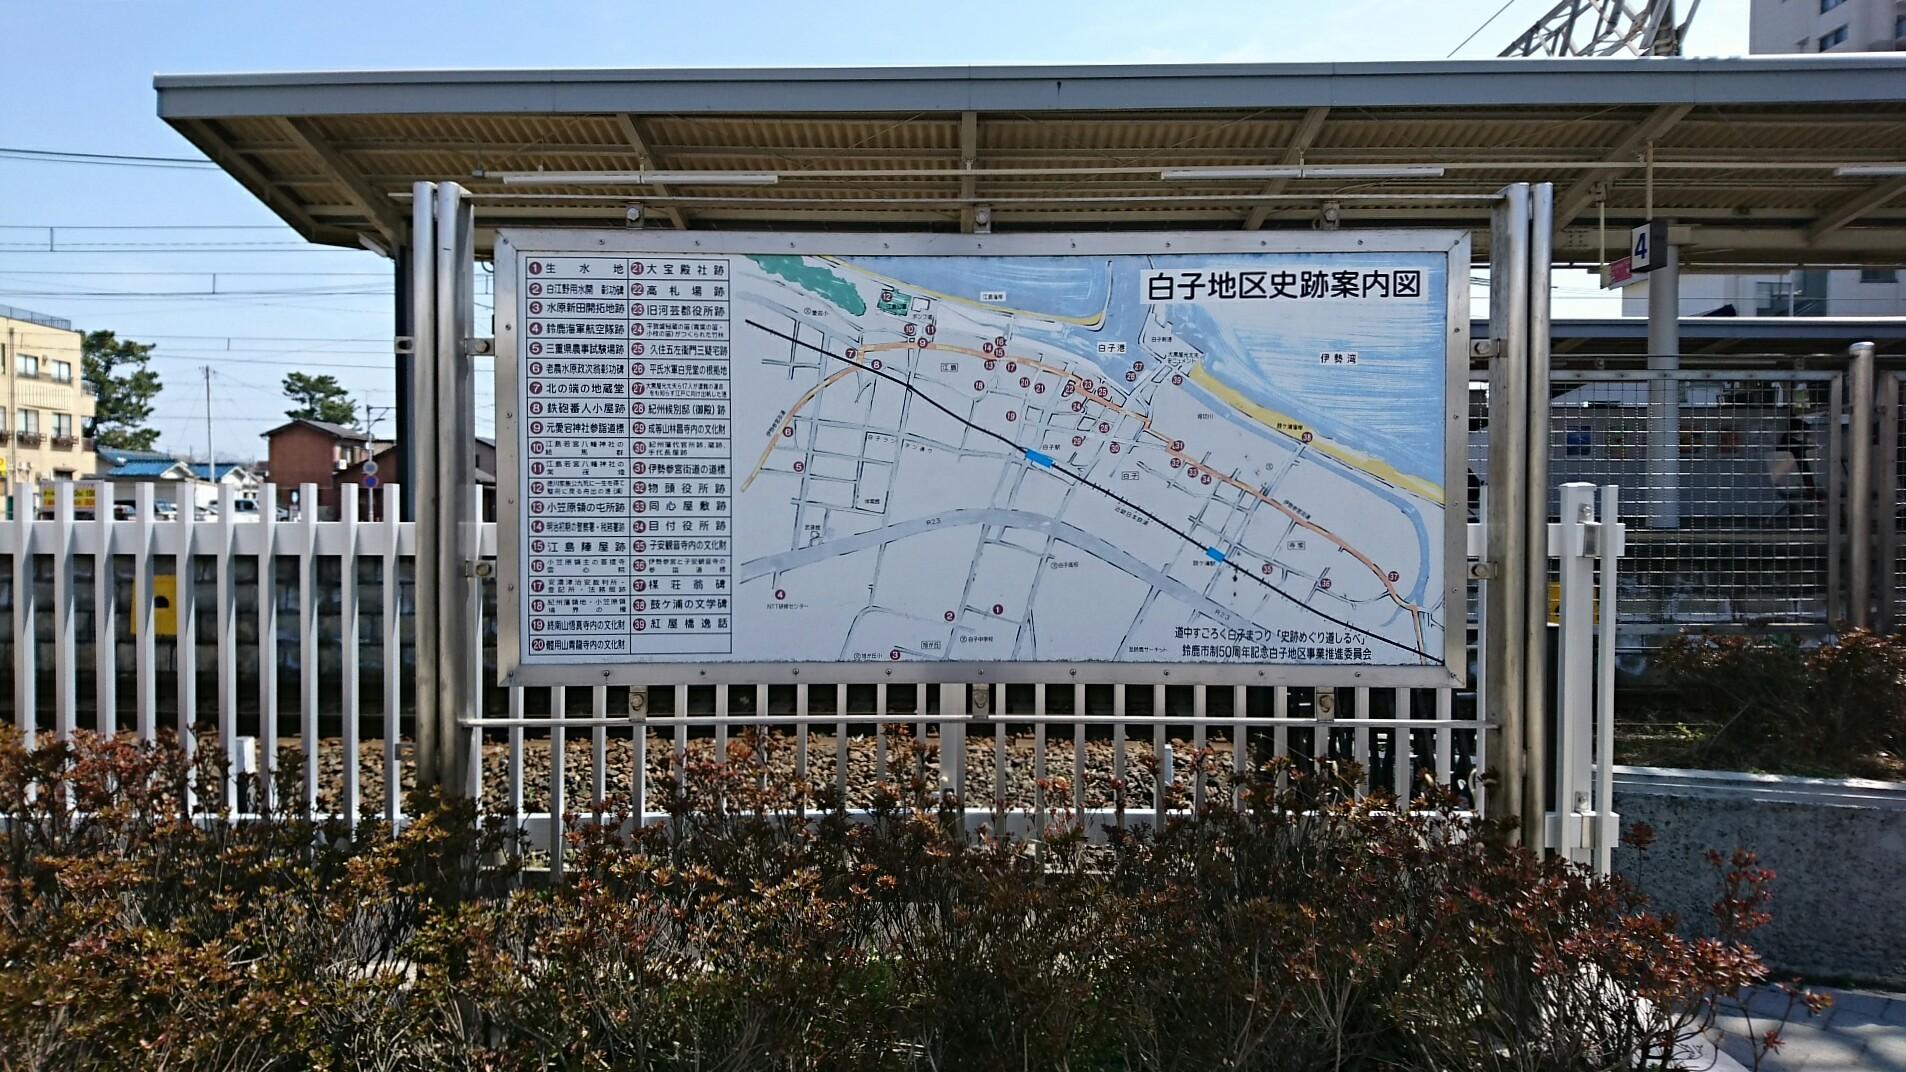 2018.3.13 白子 (48) 白子地区史跡案内図 1906-1072